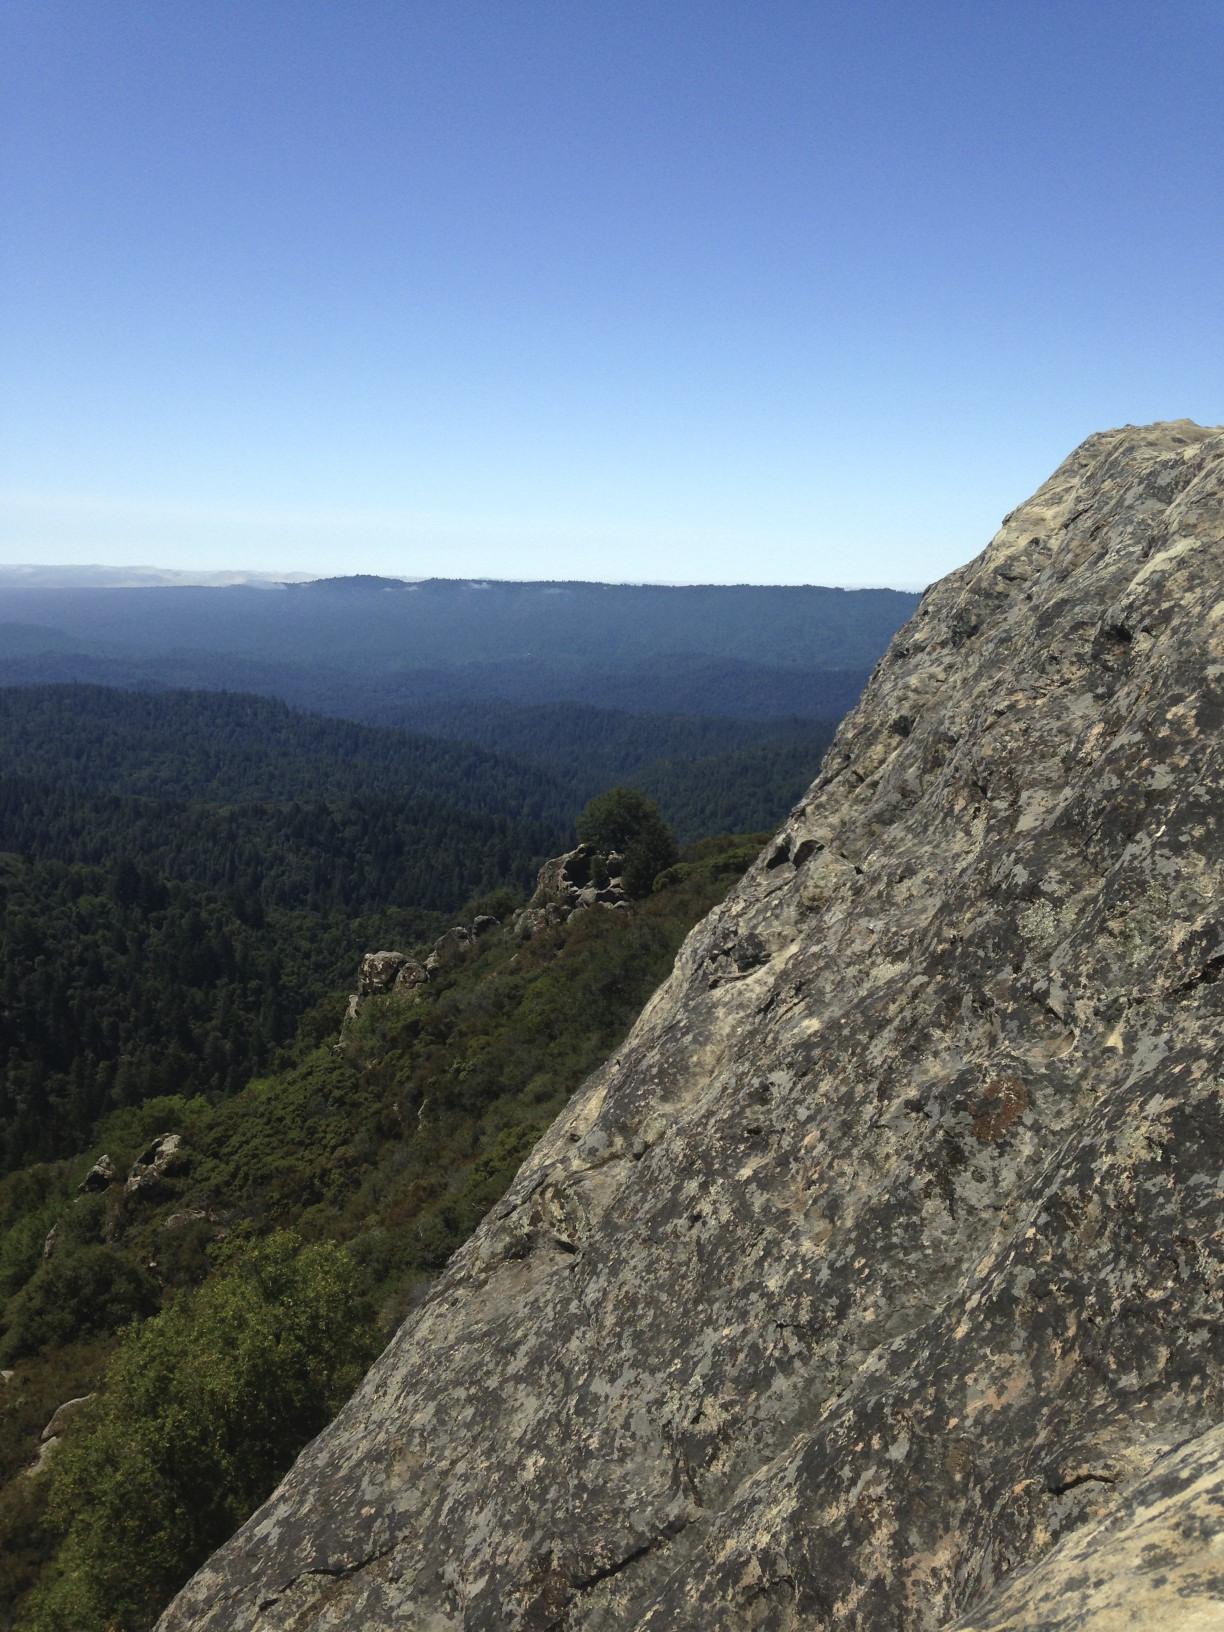 castle rock overlook